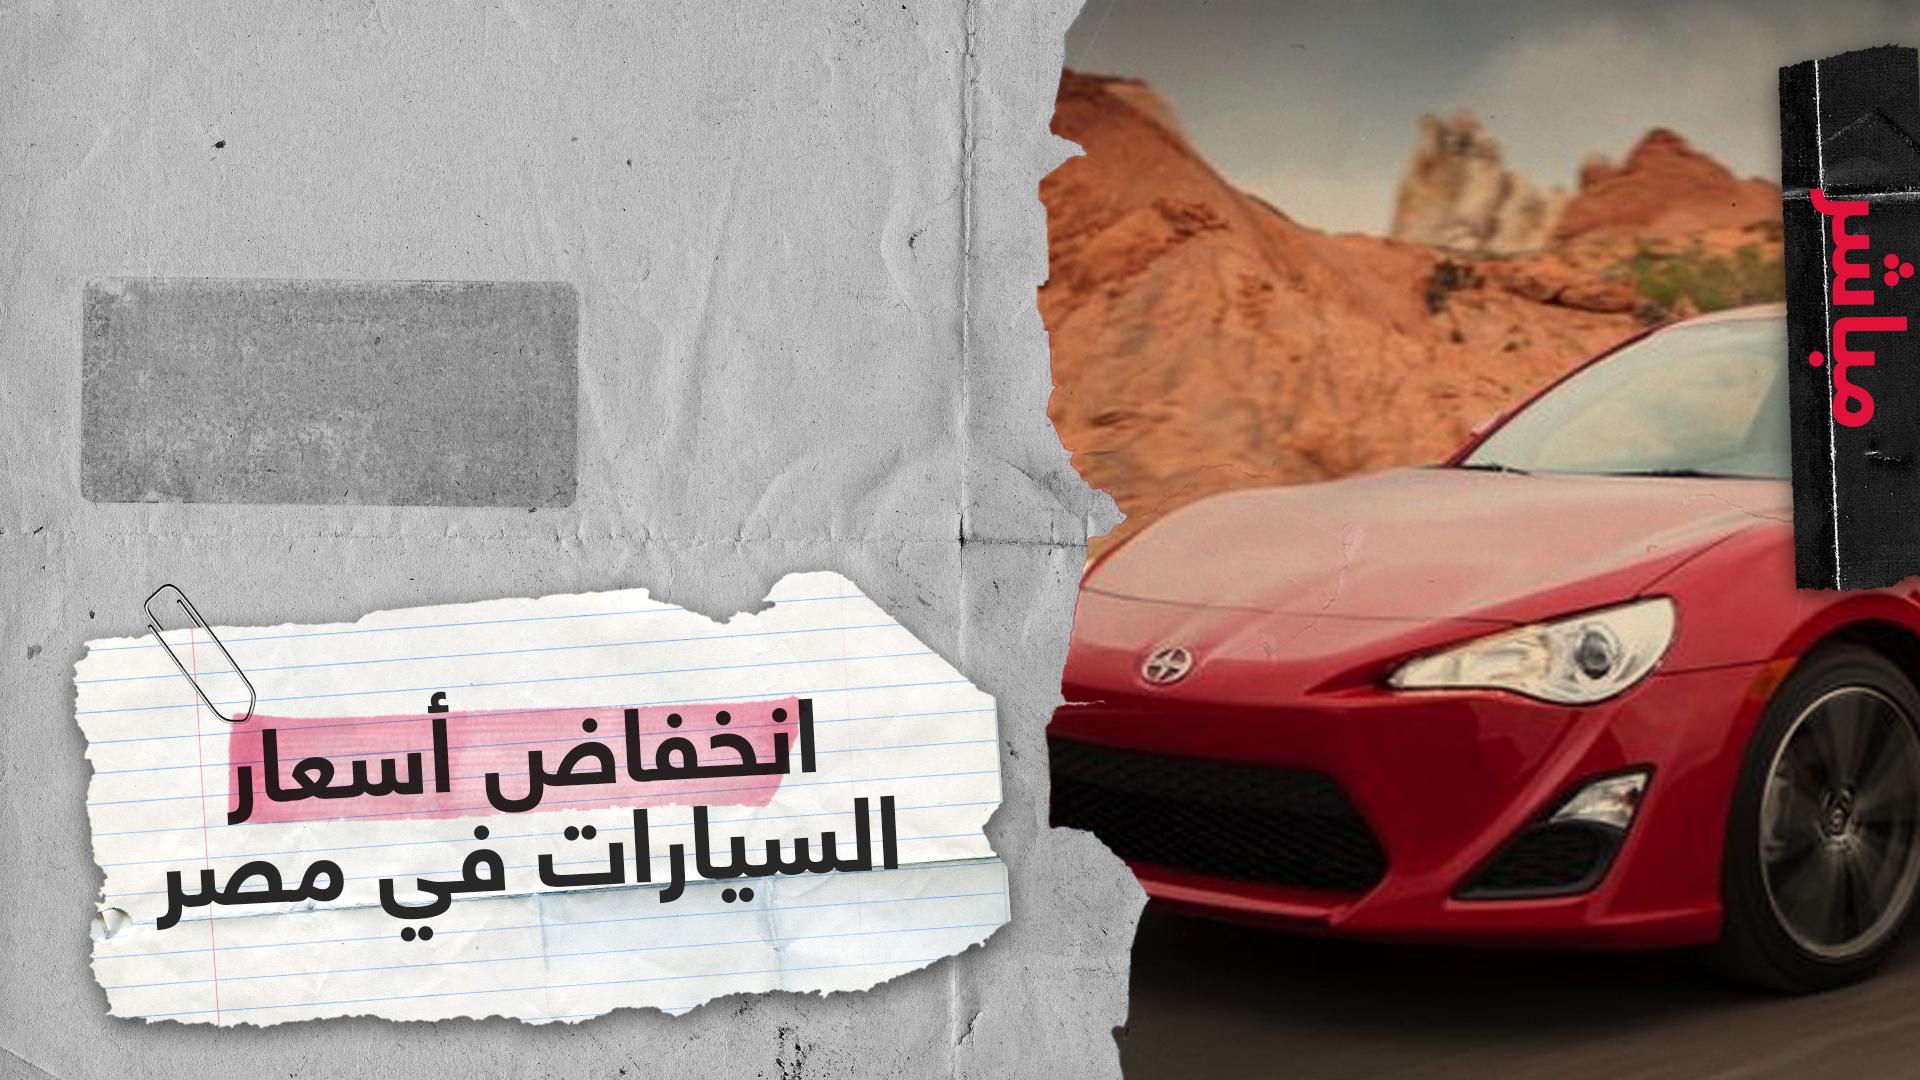 انخفاض أسعار السيارات بشكل لافت في مصر  شاركنا النقاش